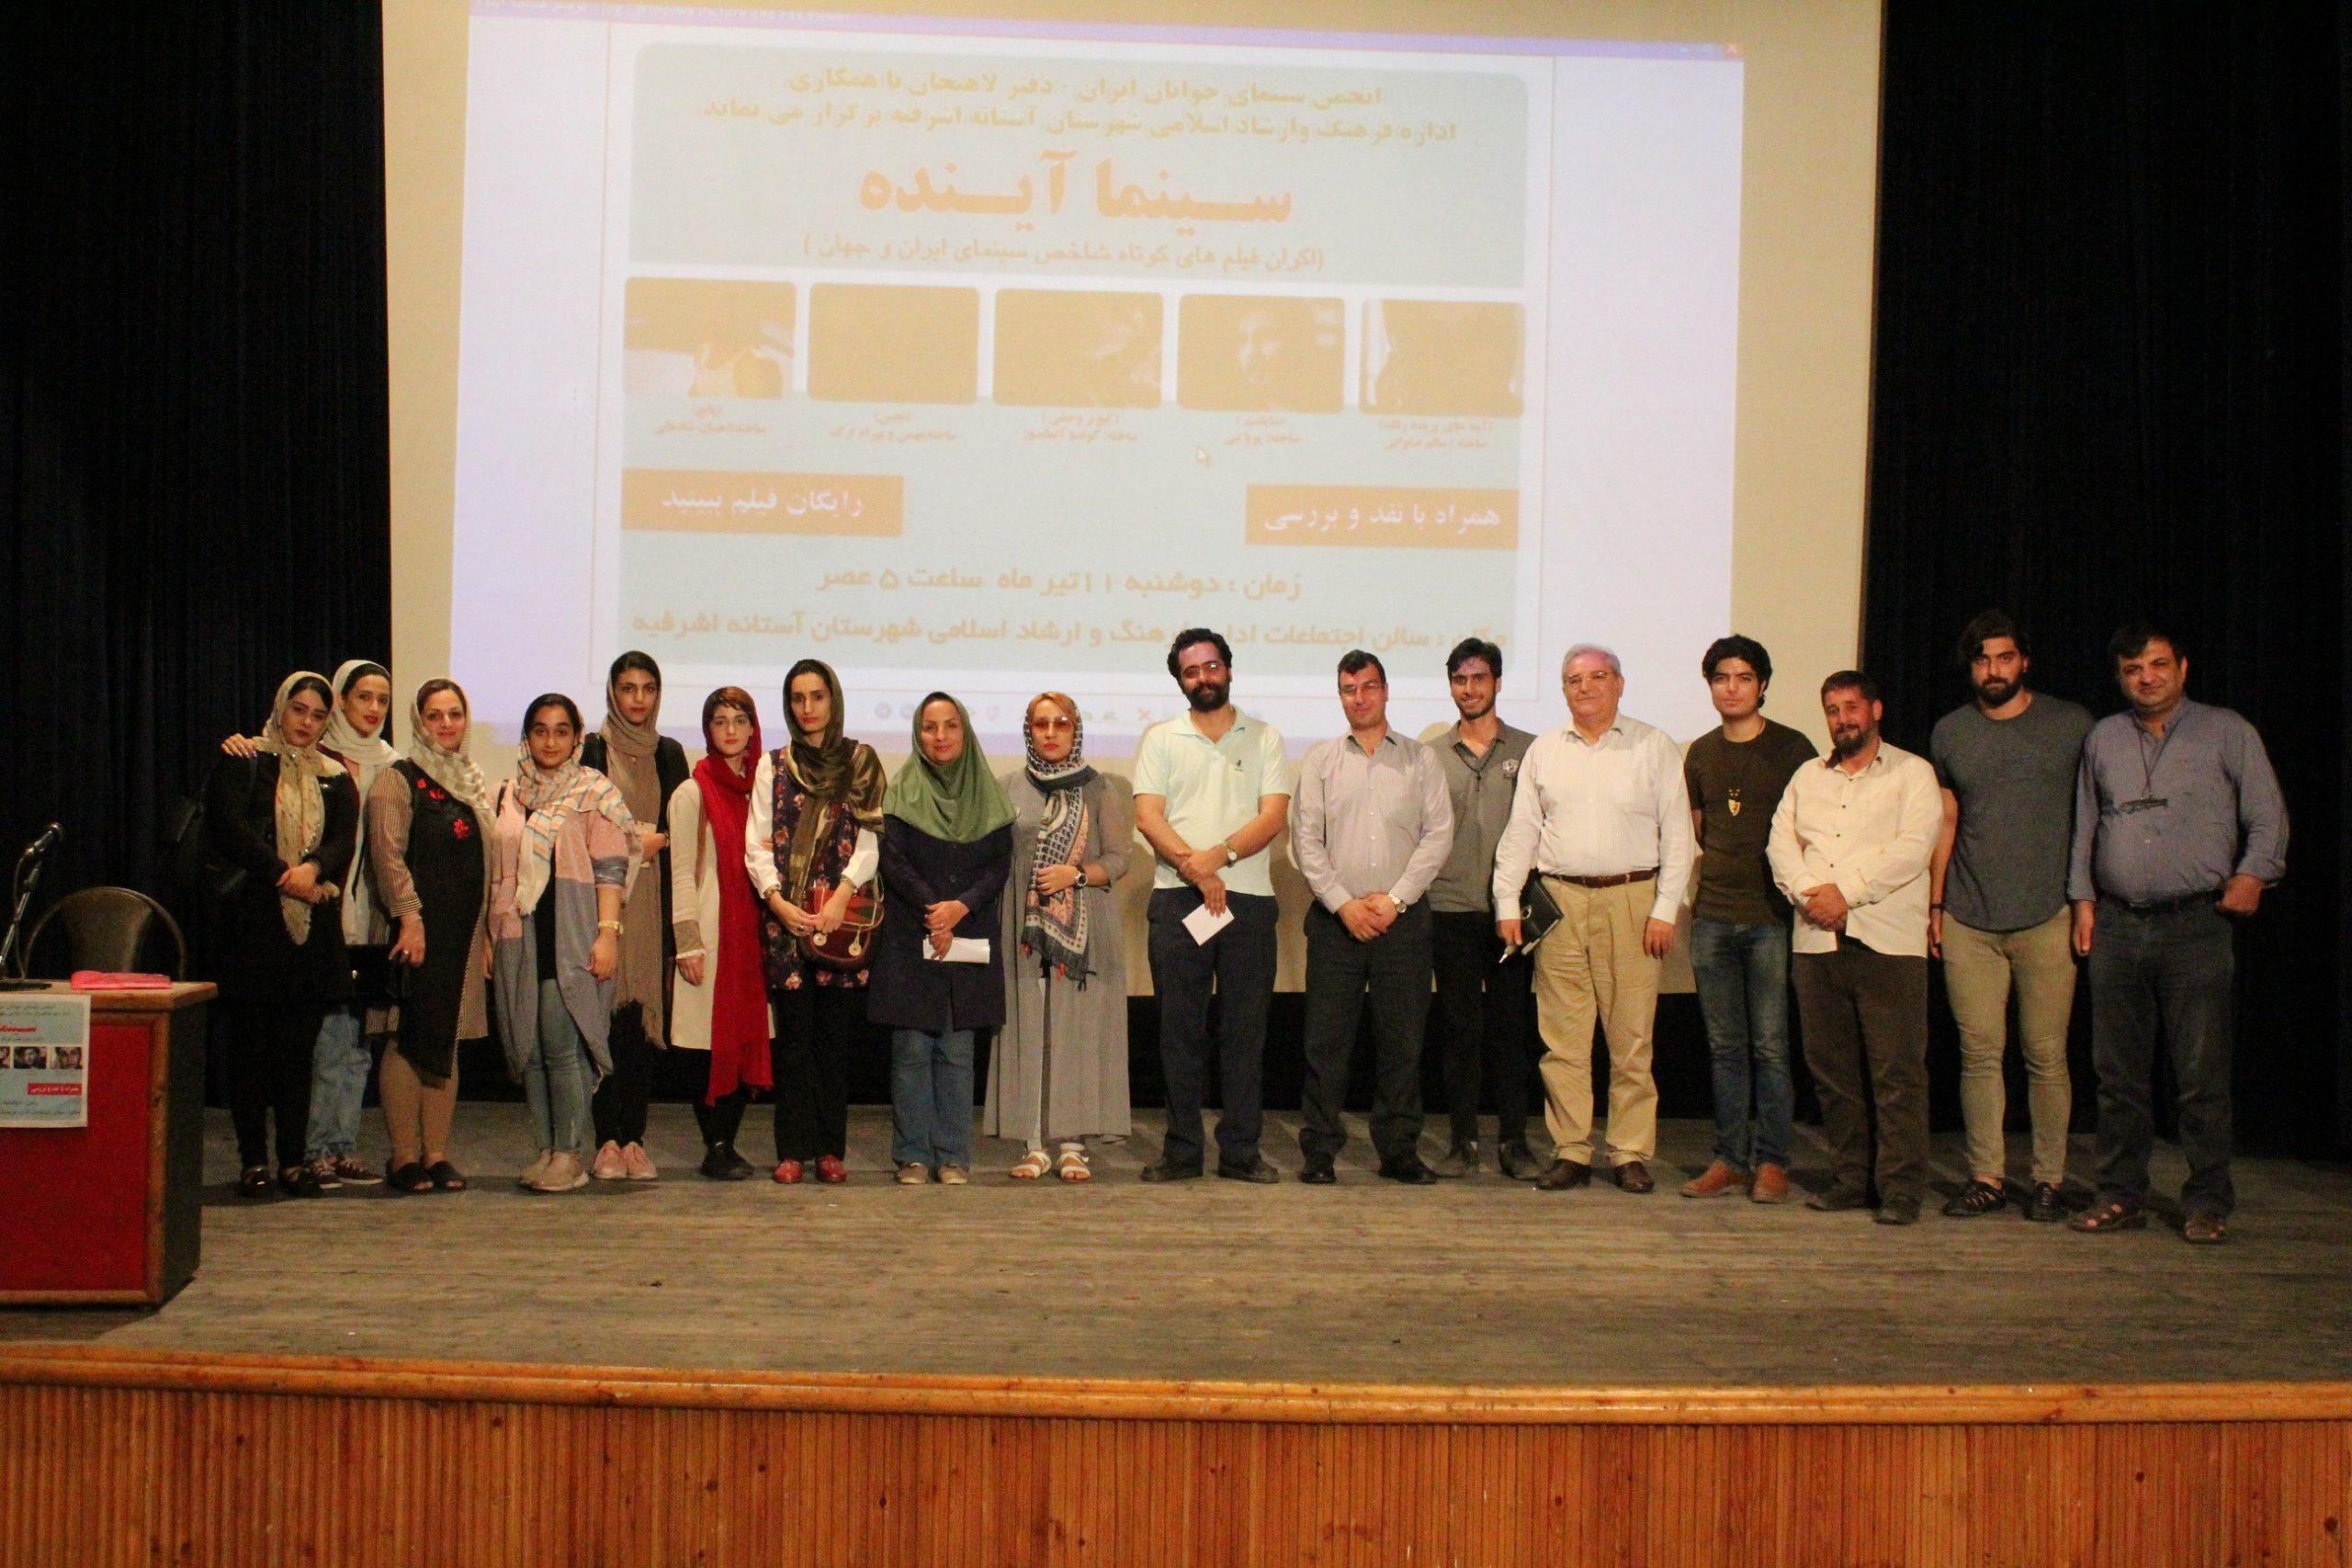 برگزاری پاتوق فیلم کوتاه در آستانهاشرفیه